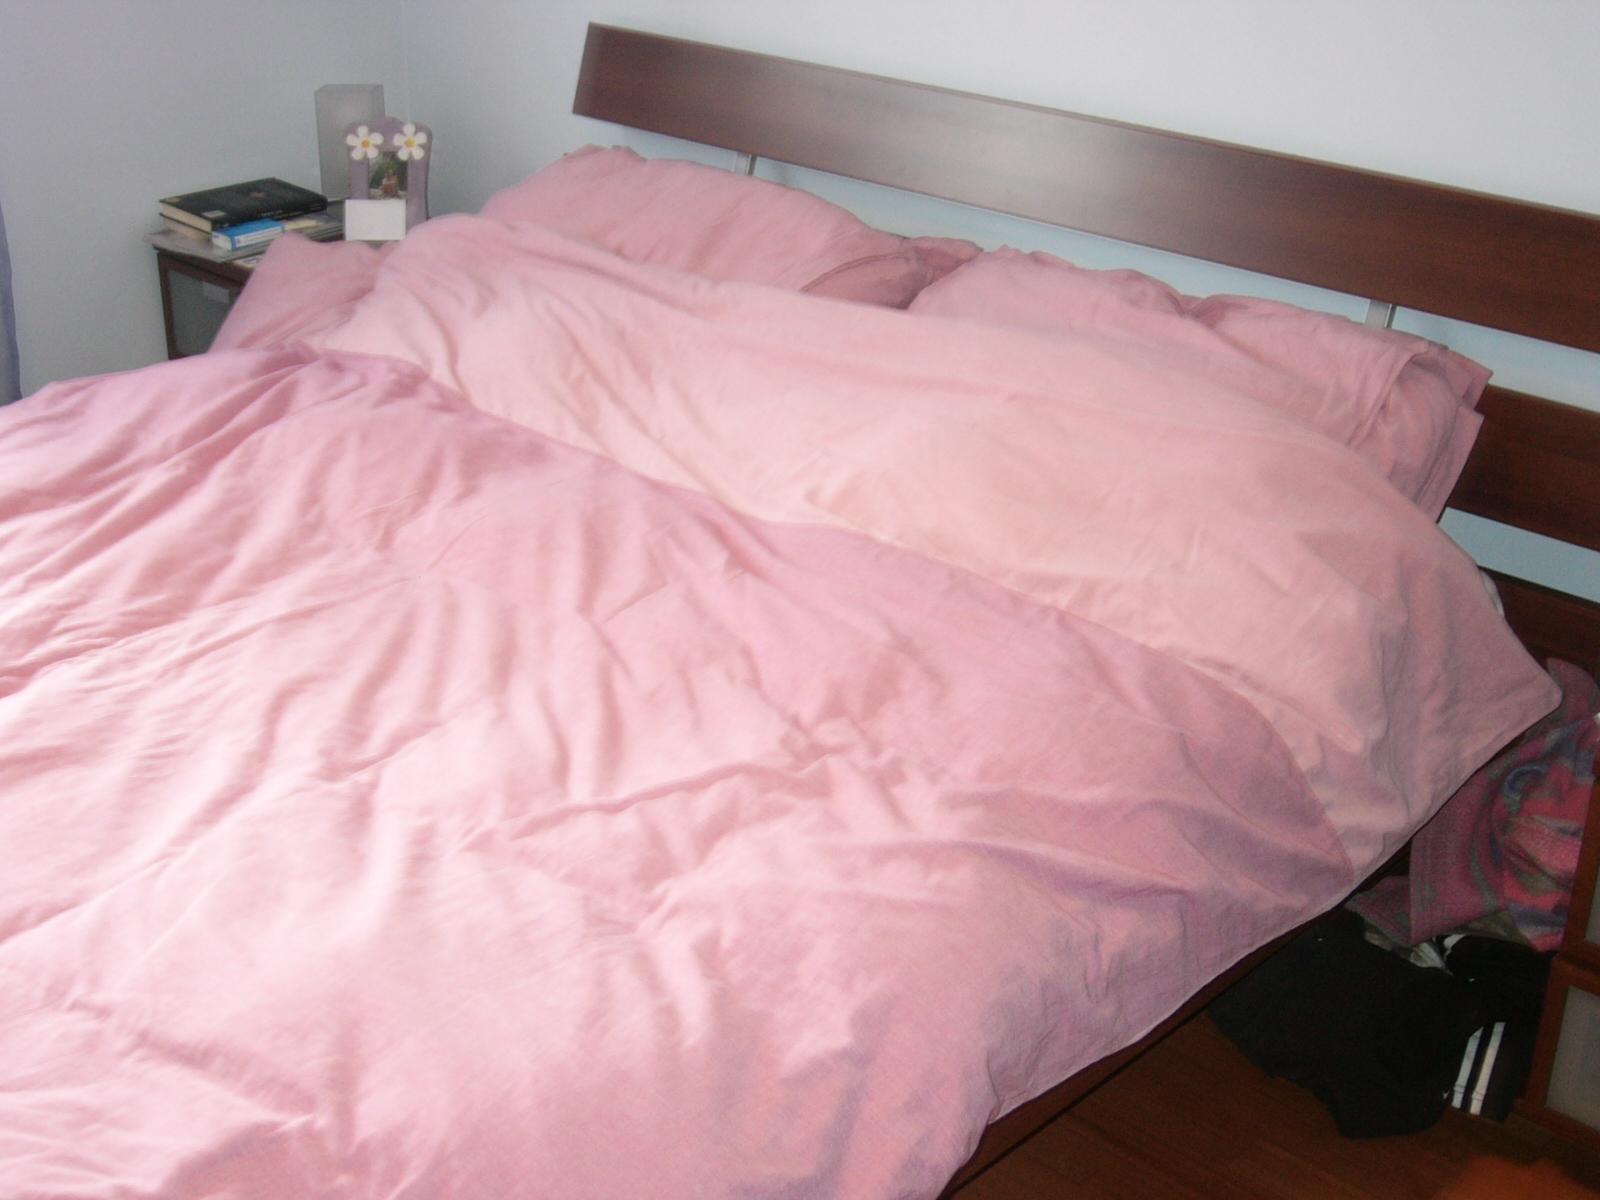 Tende a soffitto ikea: tende a soffitto ikea camera da letto ...